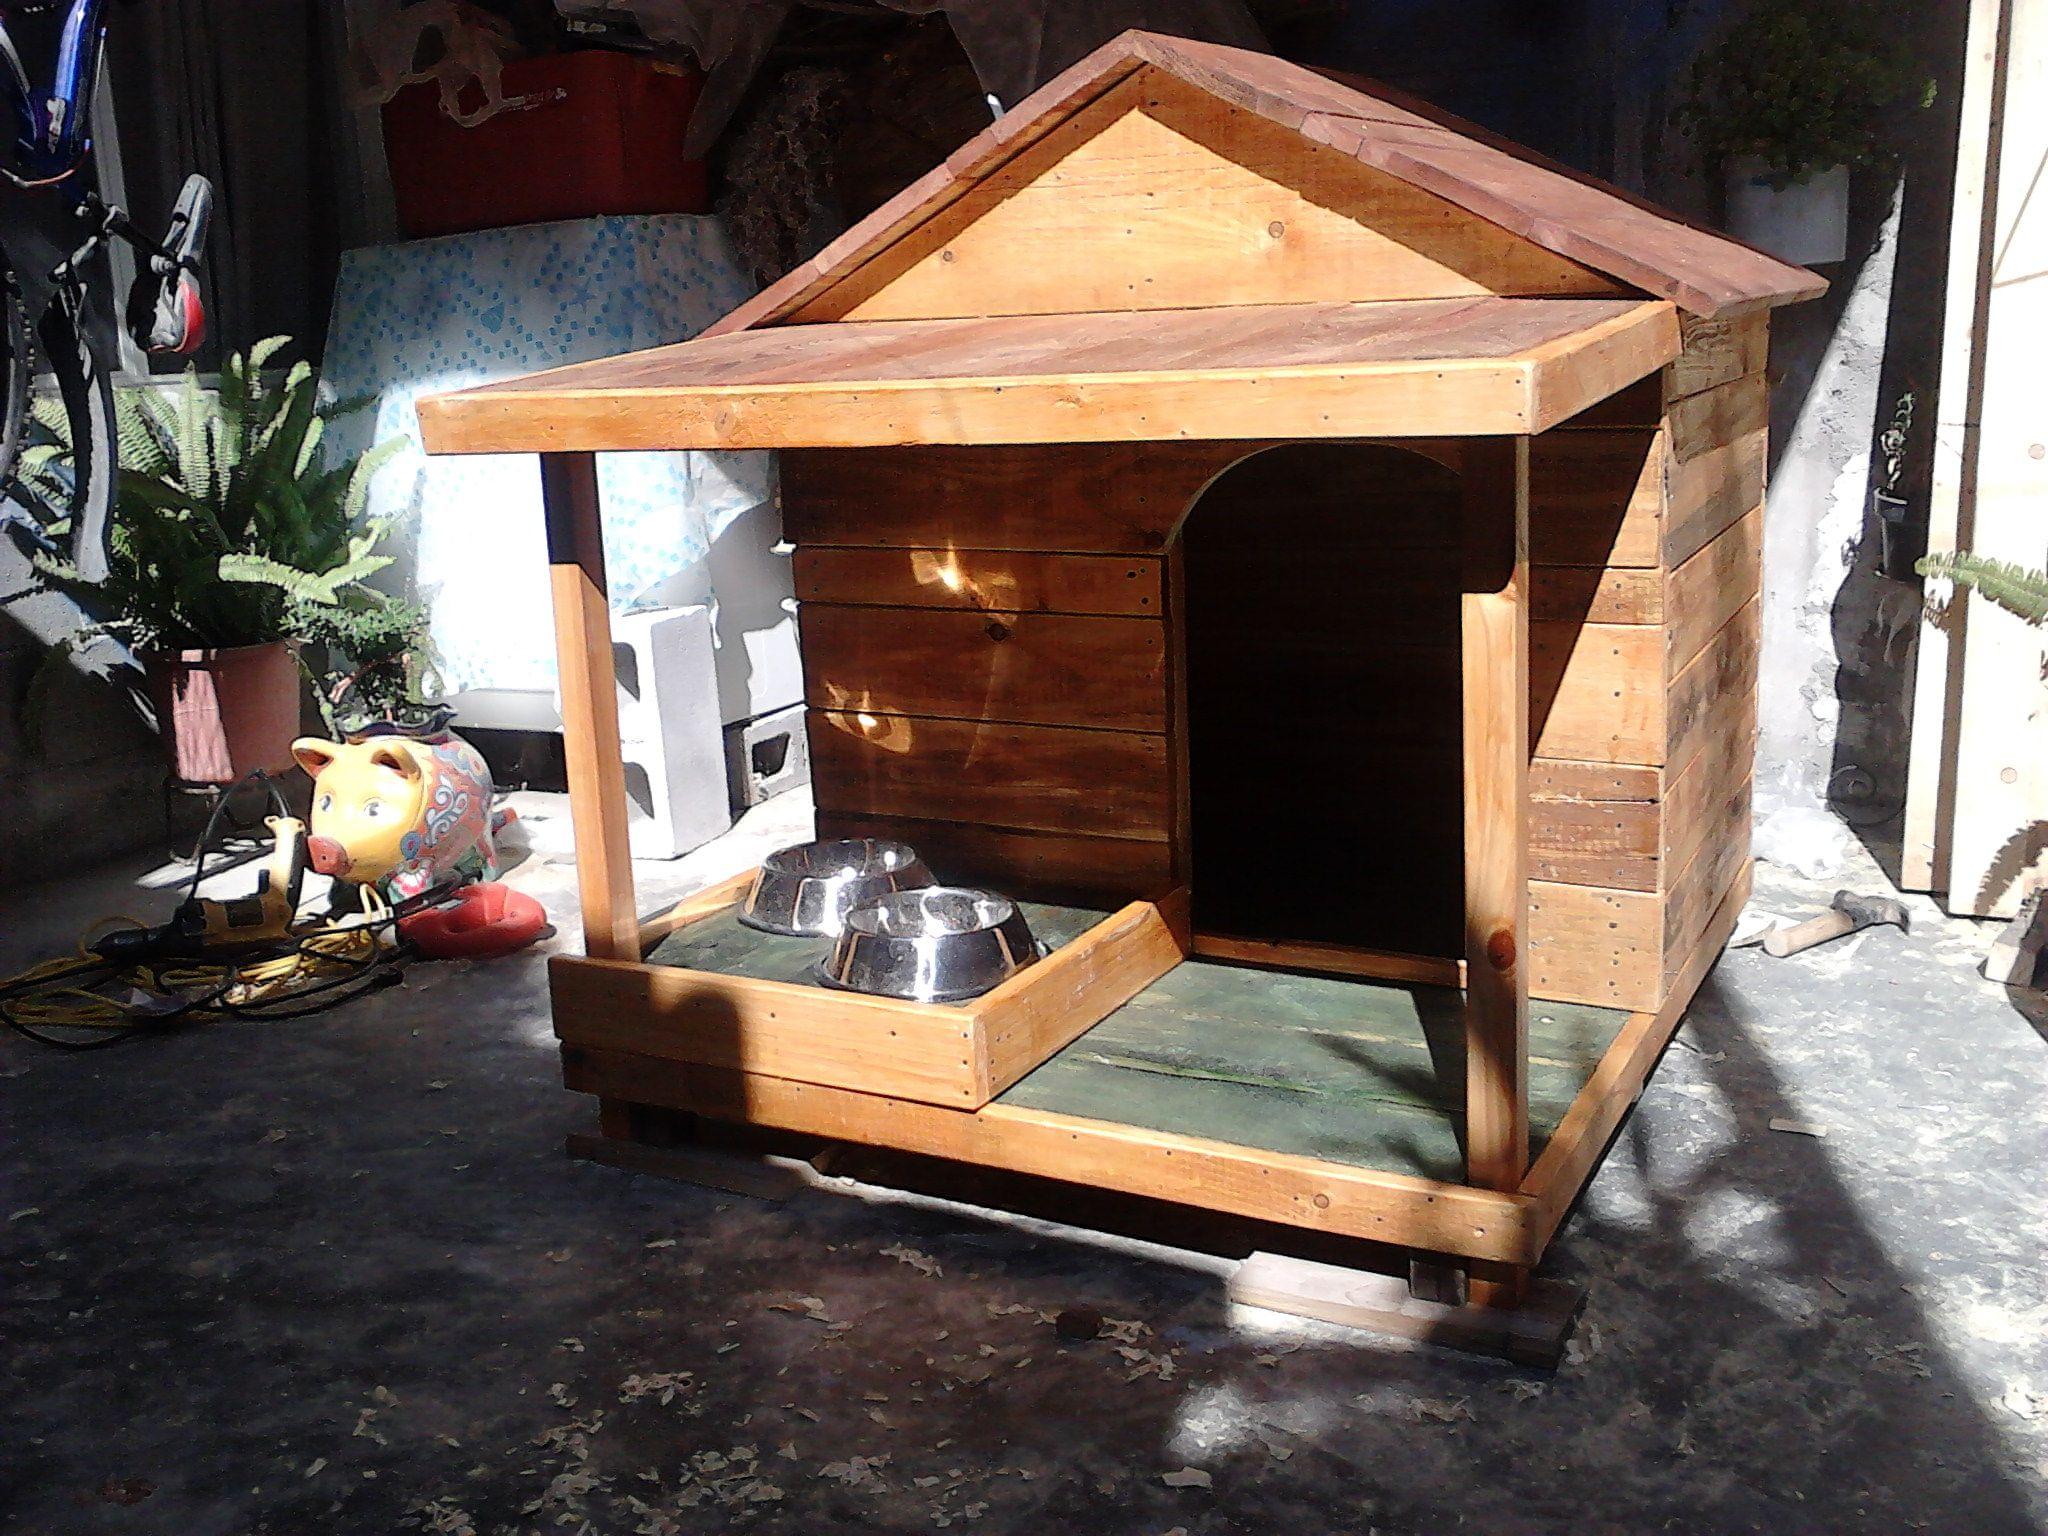 Casa para perro con alimentador y porche dog house in wood - Casas con porche ...